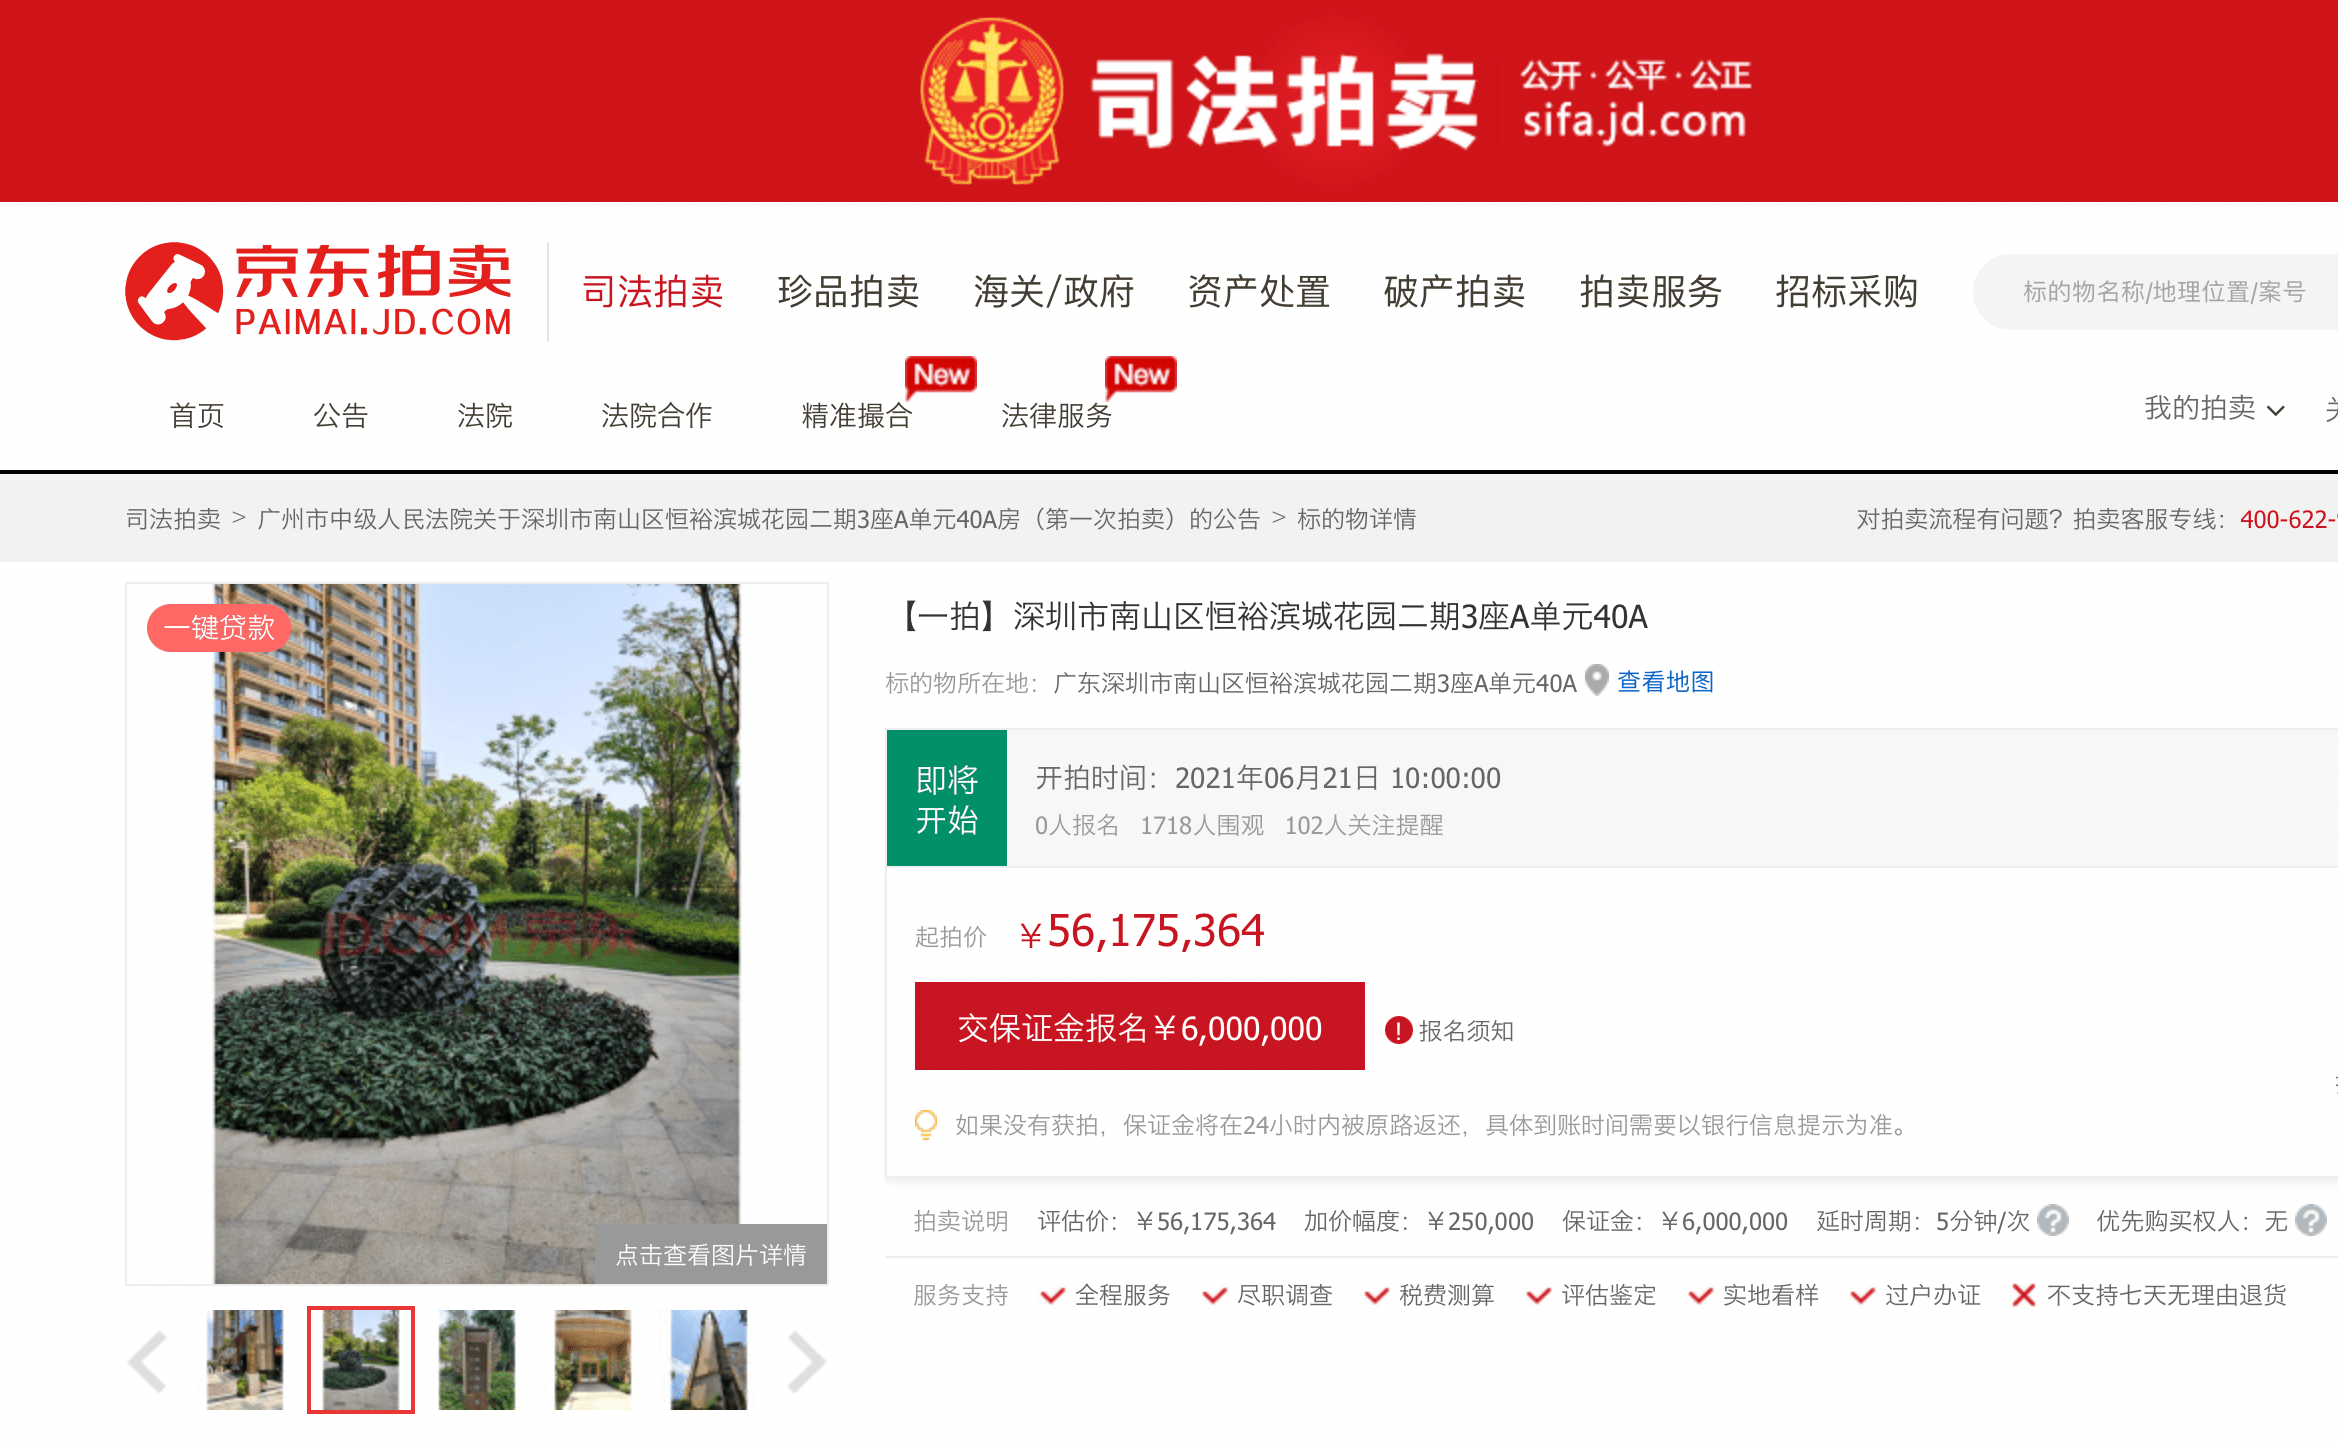 海南省委原常委张琦名下深圳房产被拍卖 起拍价5617万元